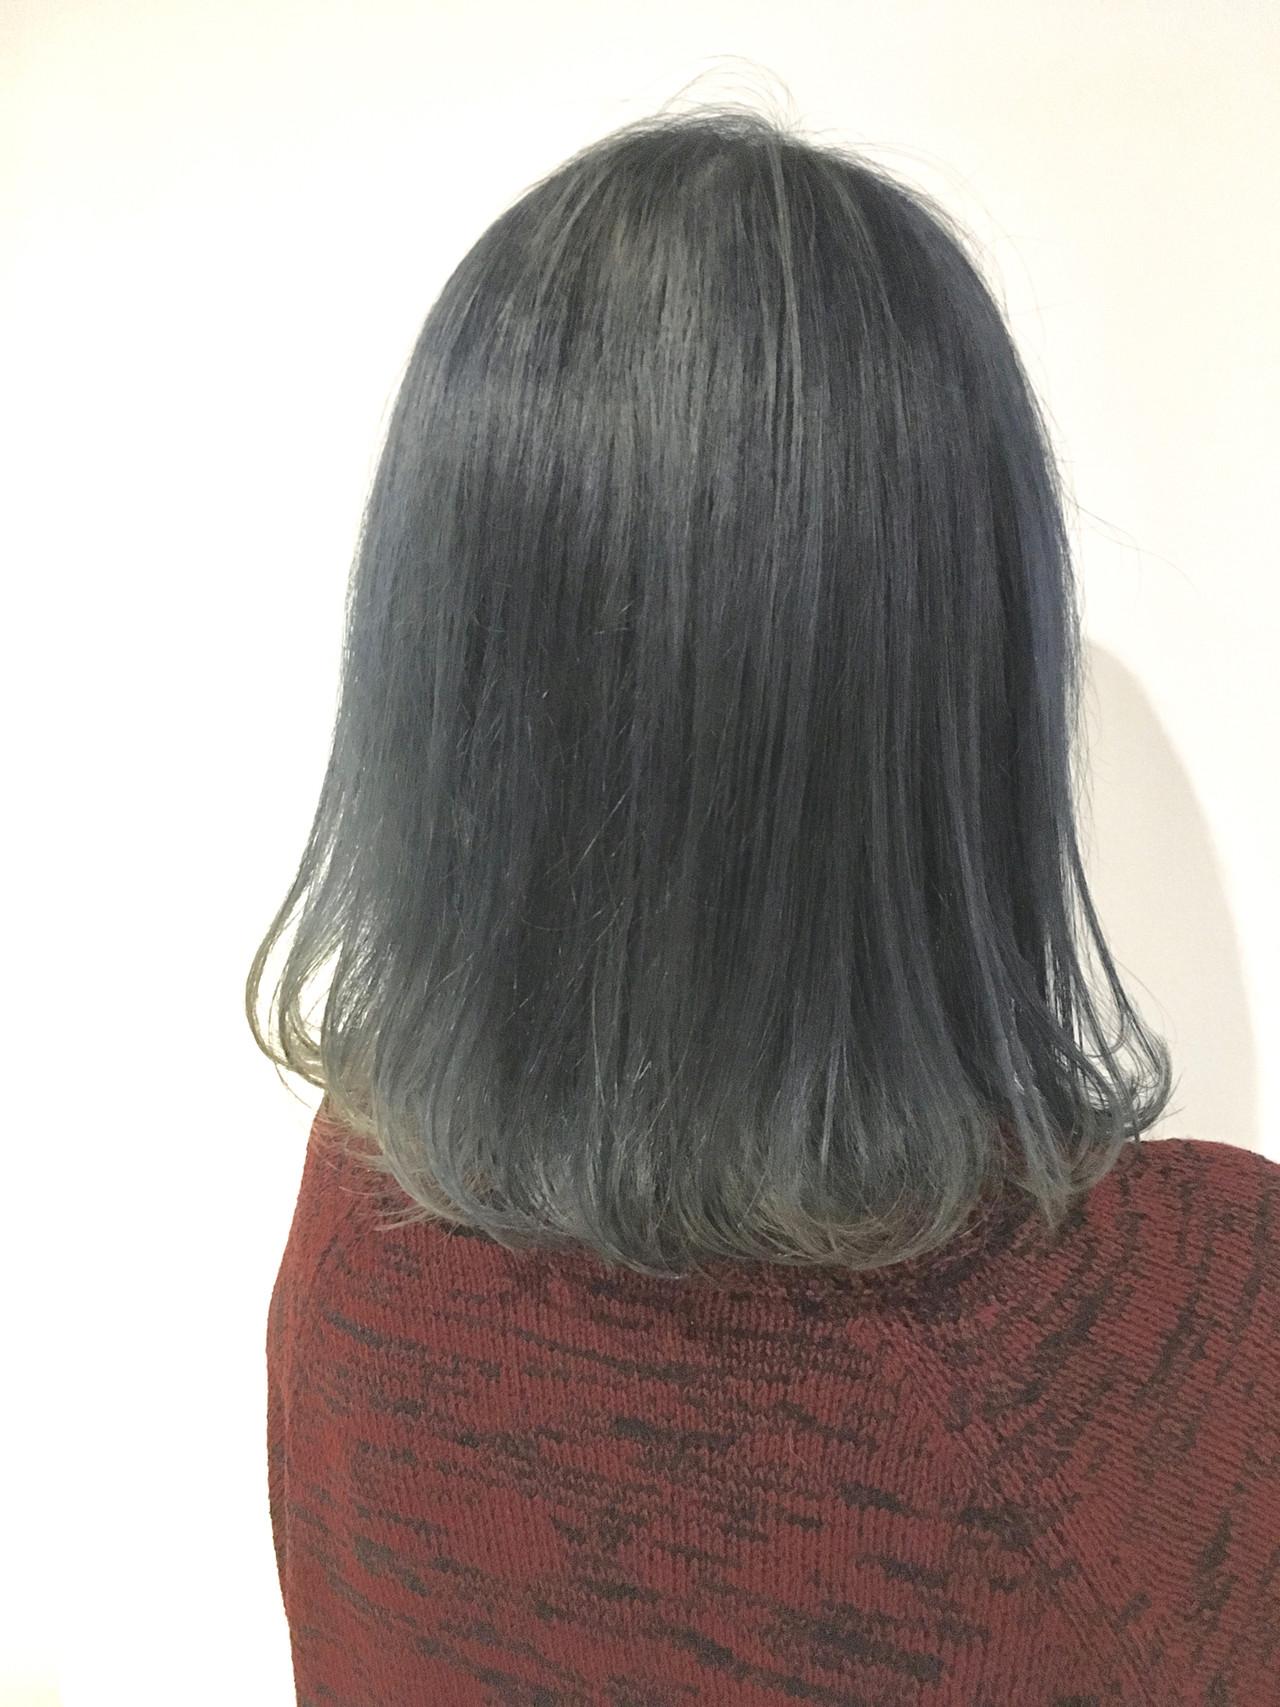 ボブ モテ髪 グレージュ 透明感カラー ヘアスタイルや髪型の写真・画像 | 村上 駿 / FRAMES hair design